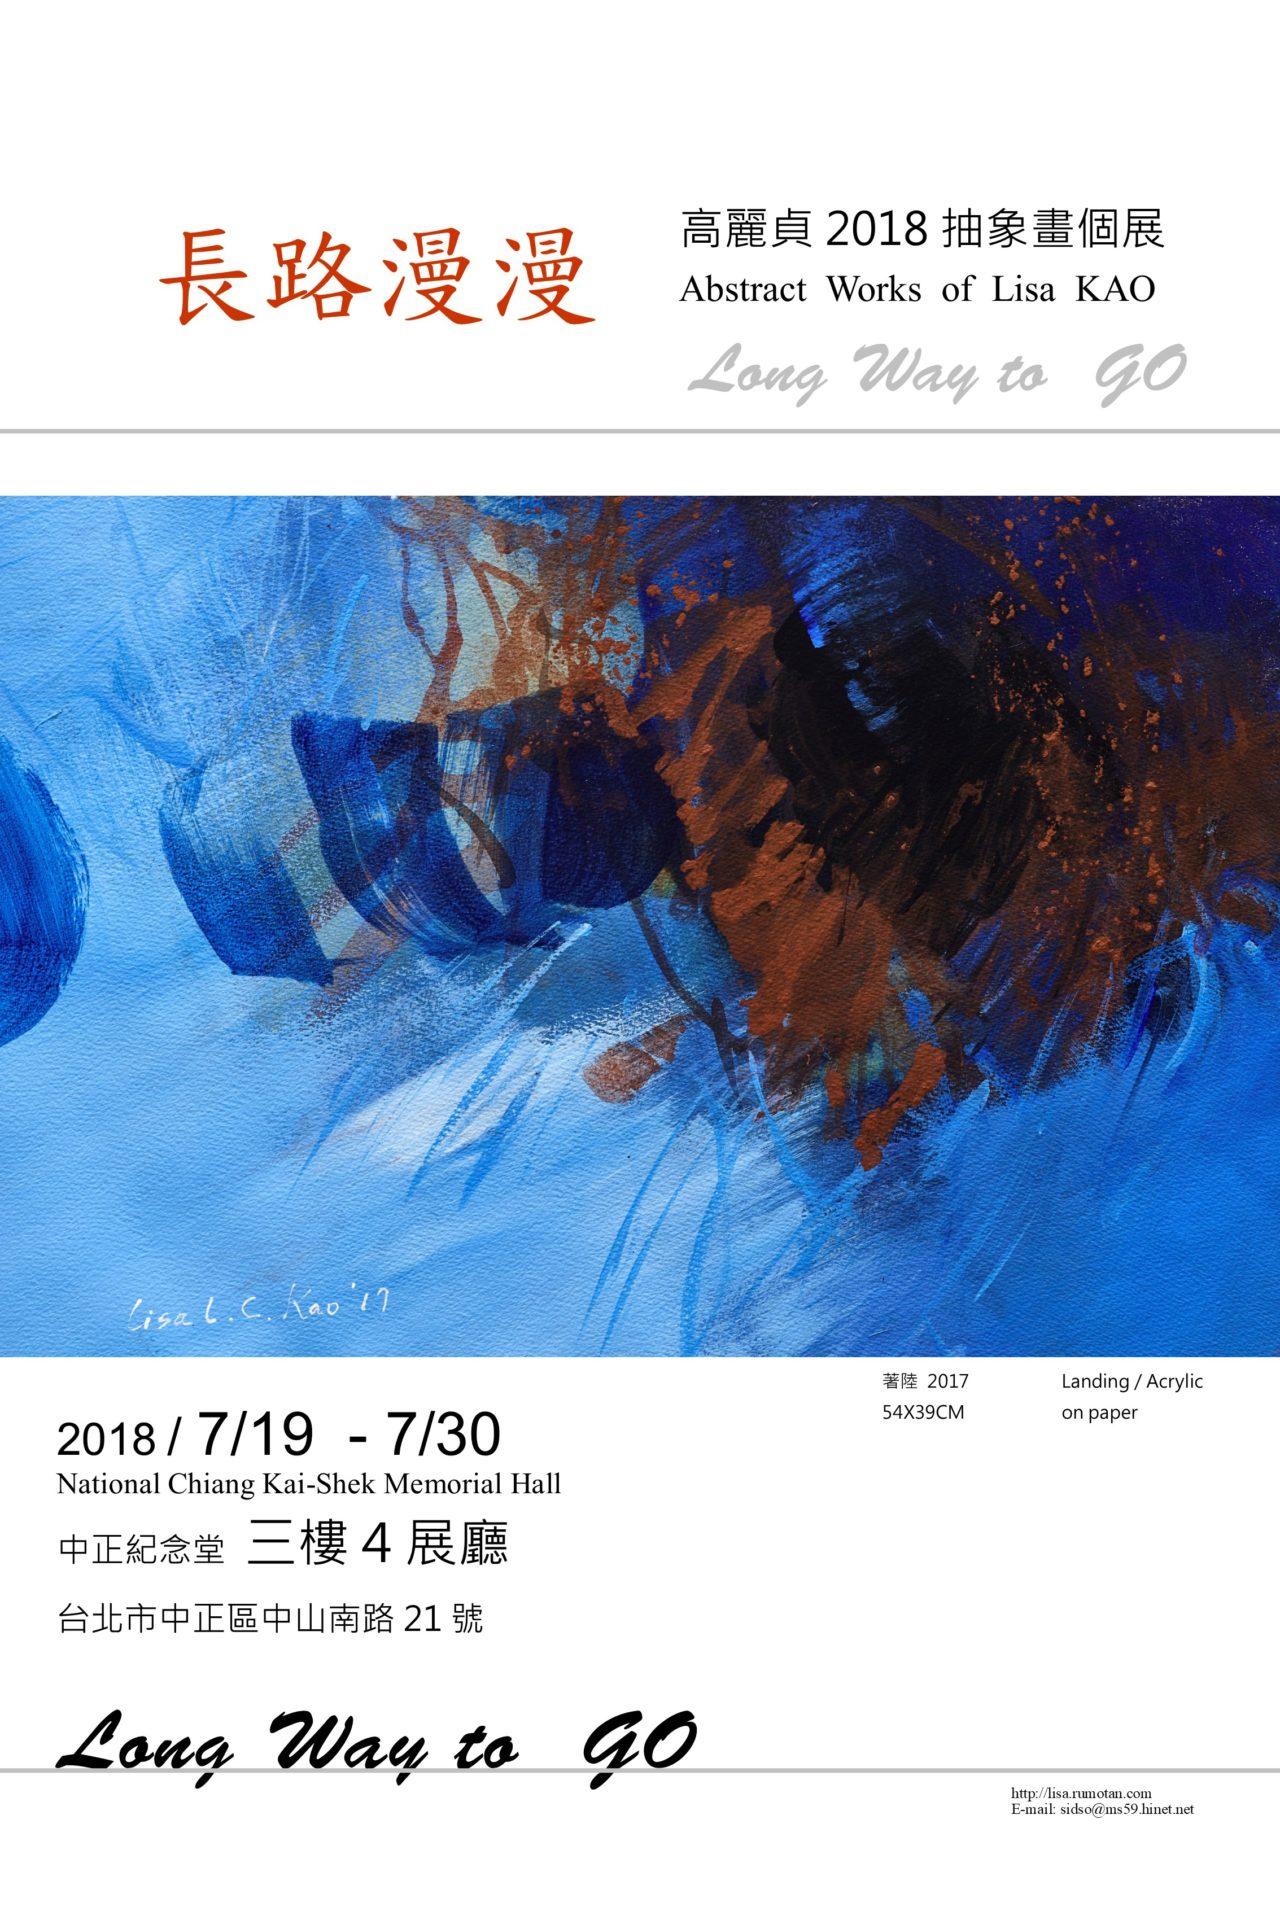 國立中正紀念堂管理處:2018/07/19–07/30【長路漫漫—高麗貞2018抽象畫個展】